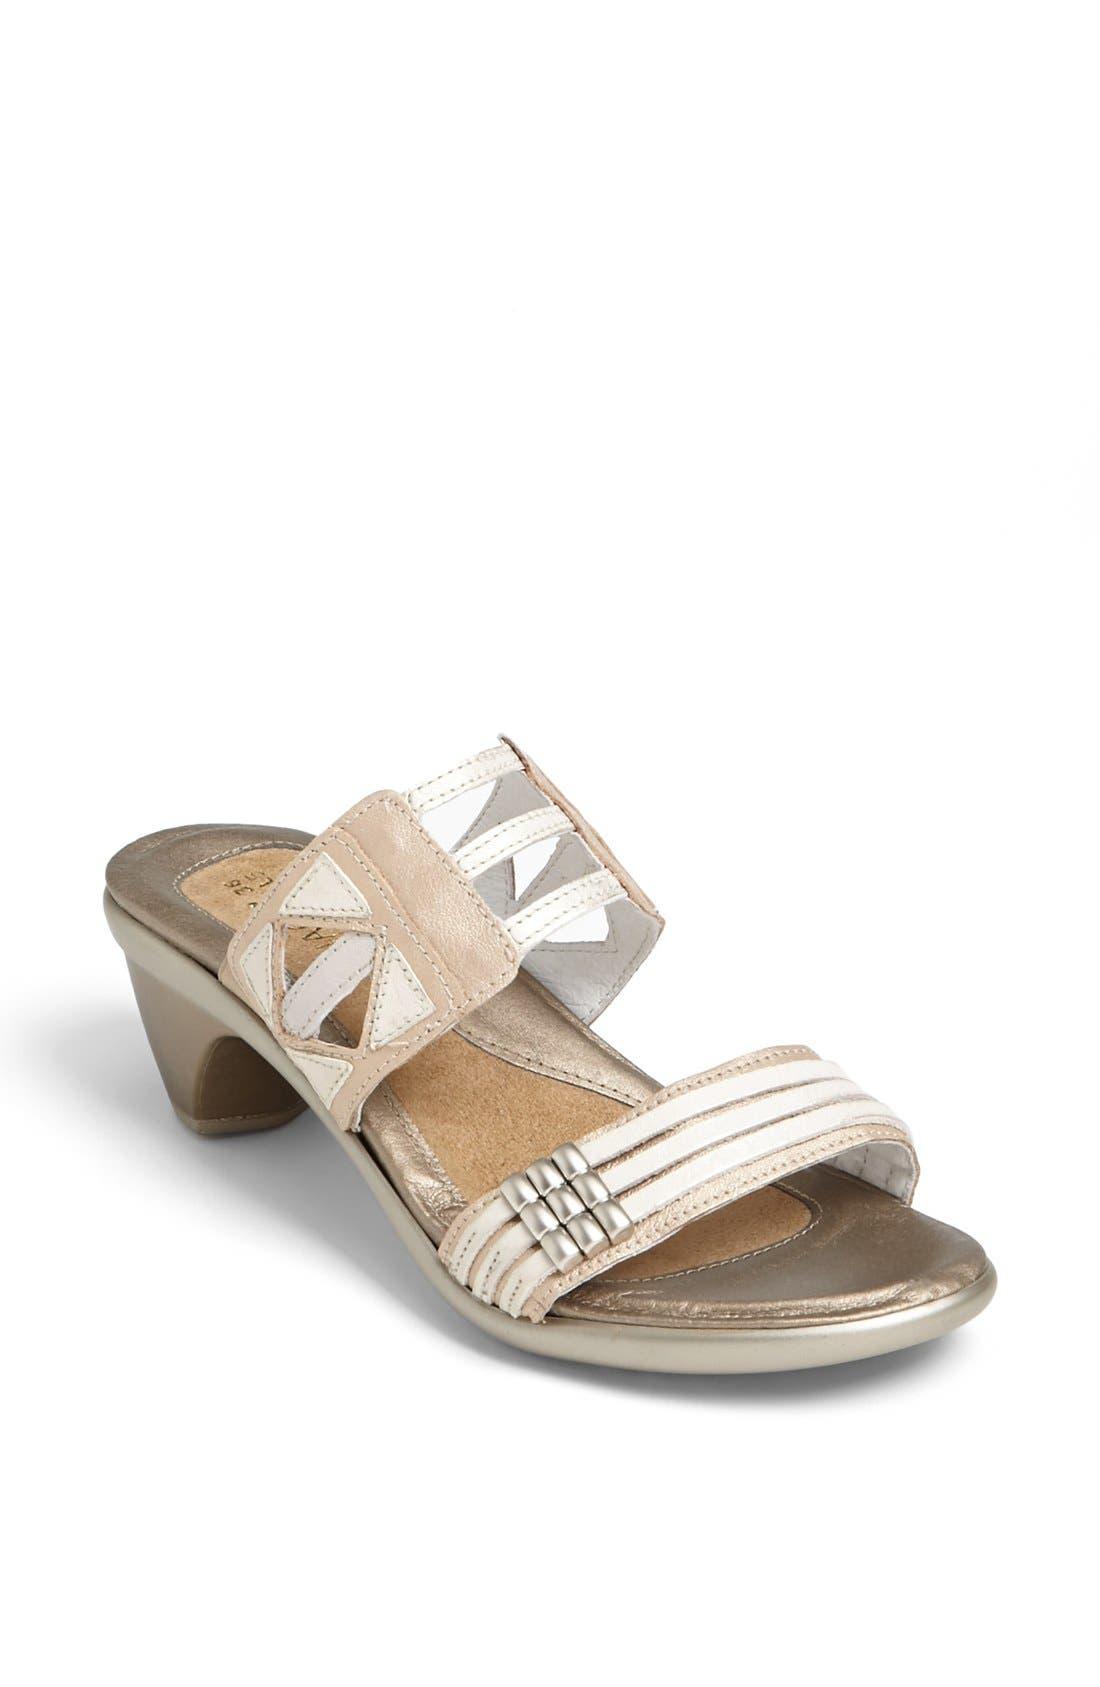 Main Image - Naot 'Afrodita' Sandal